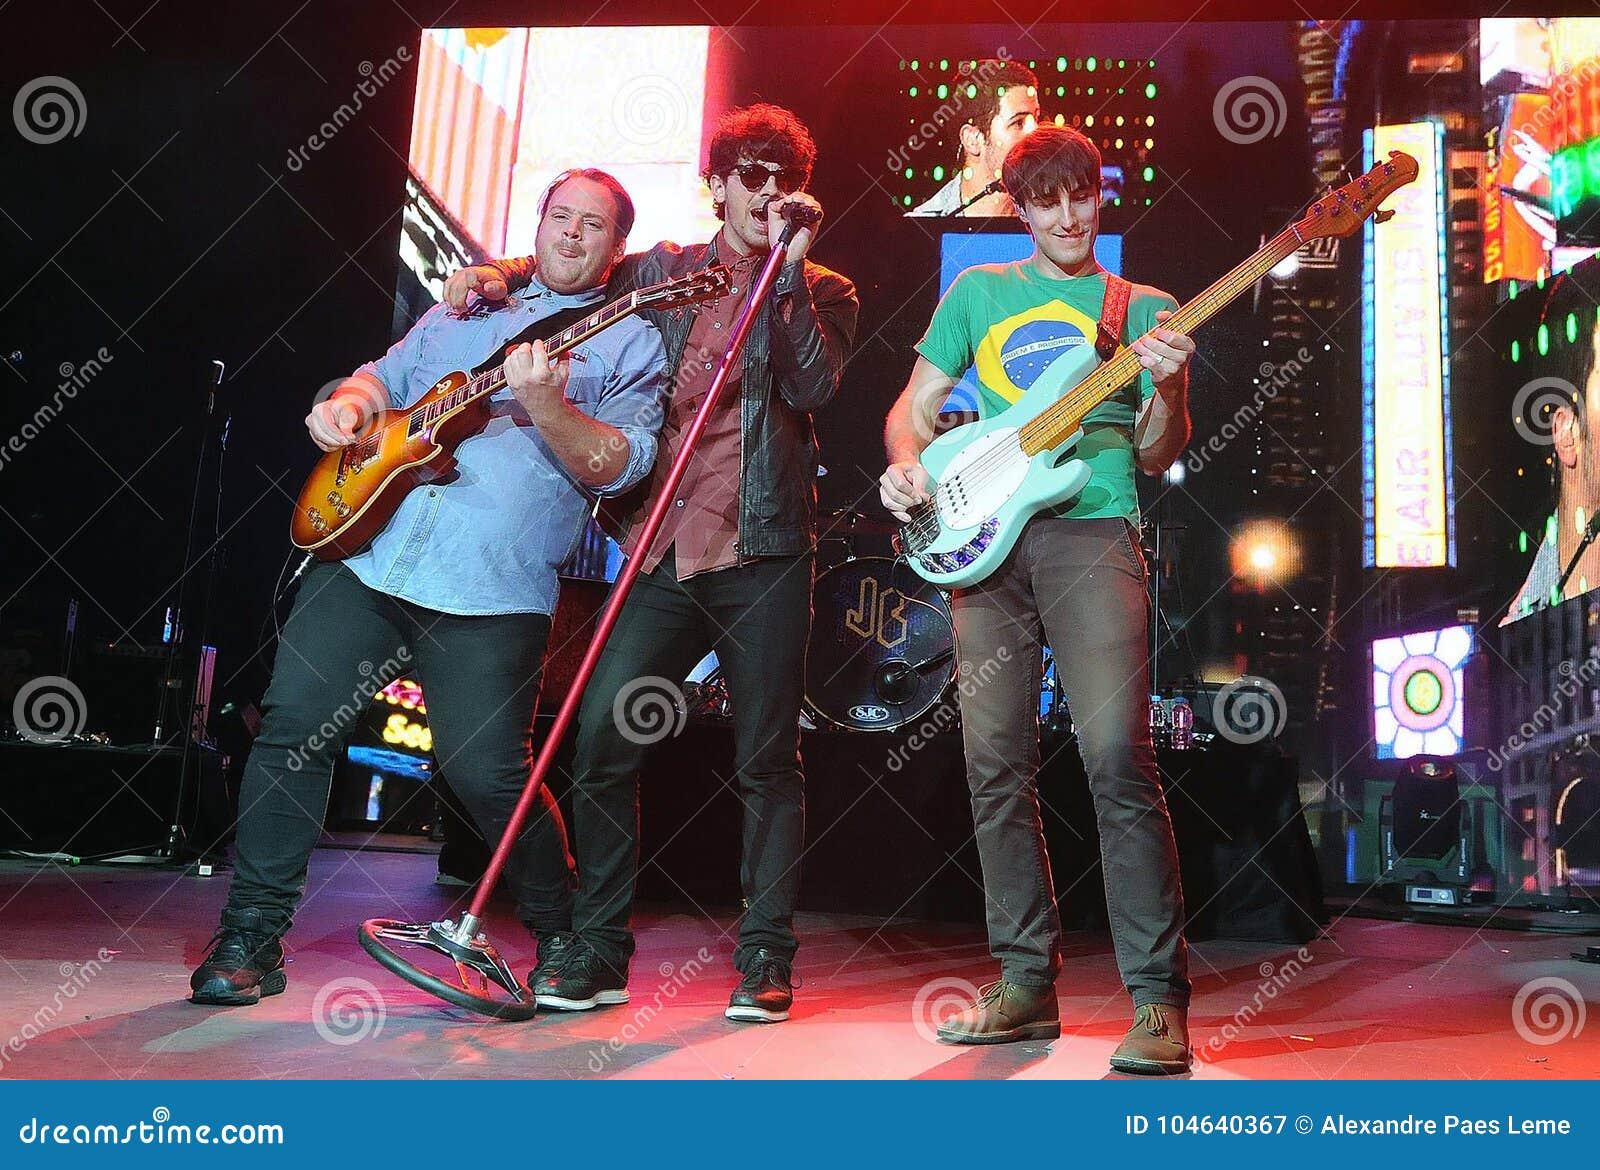 Download Jonas Brothers redactionele fotografie. Afbeelding bestaande uit muziek - 104640367